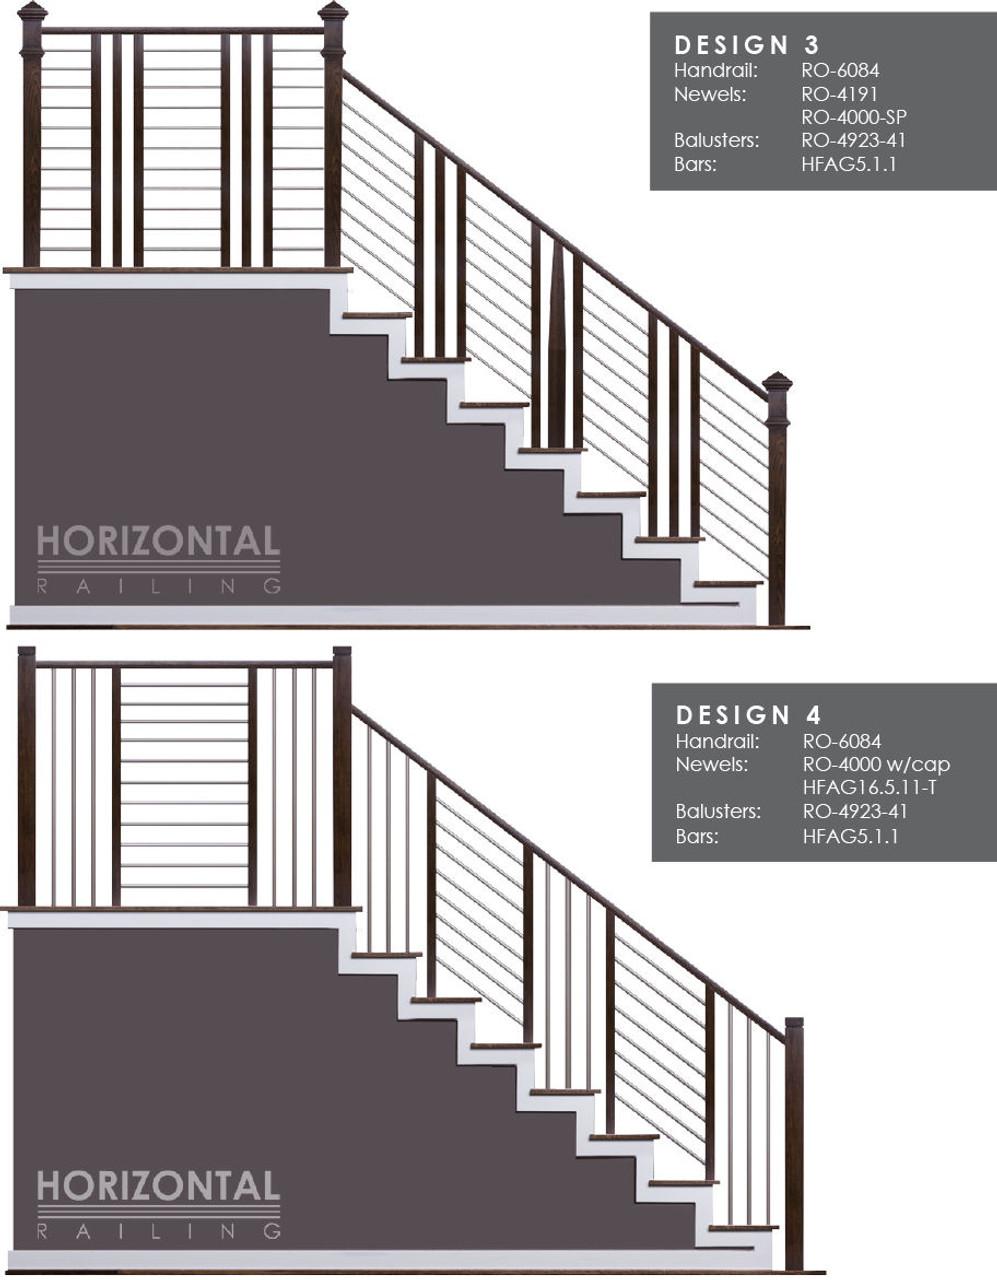 Horizontal Bar Design 3 and 4